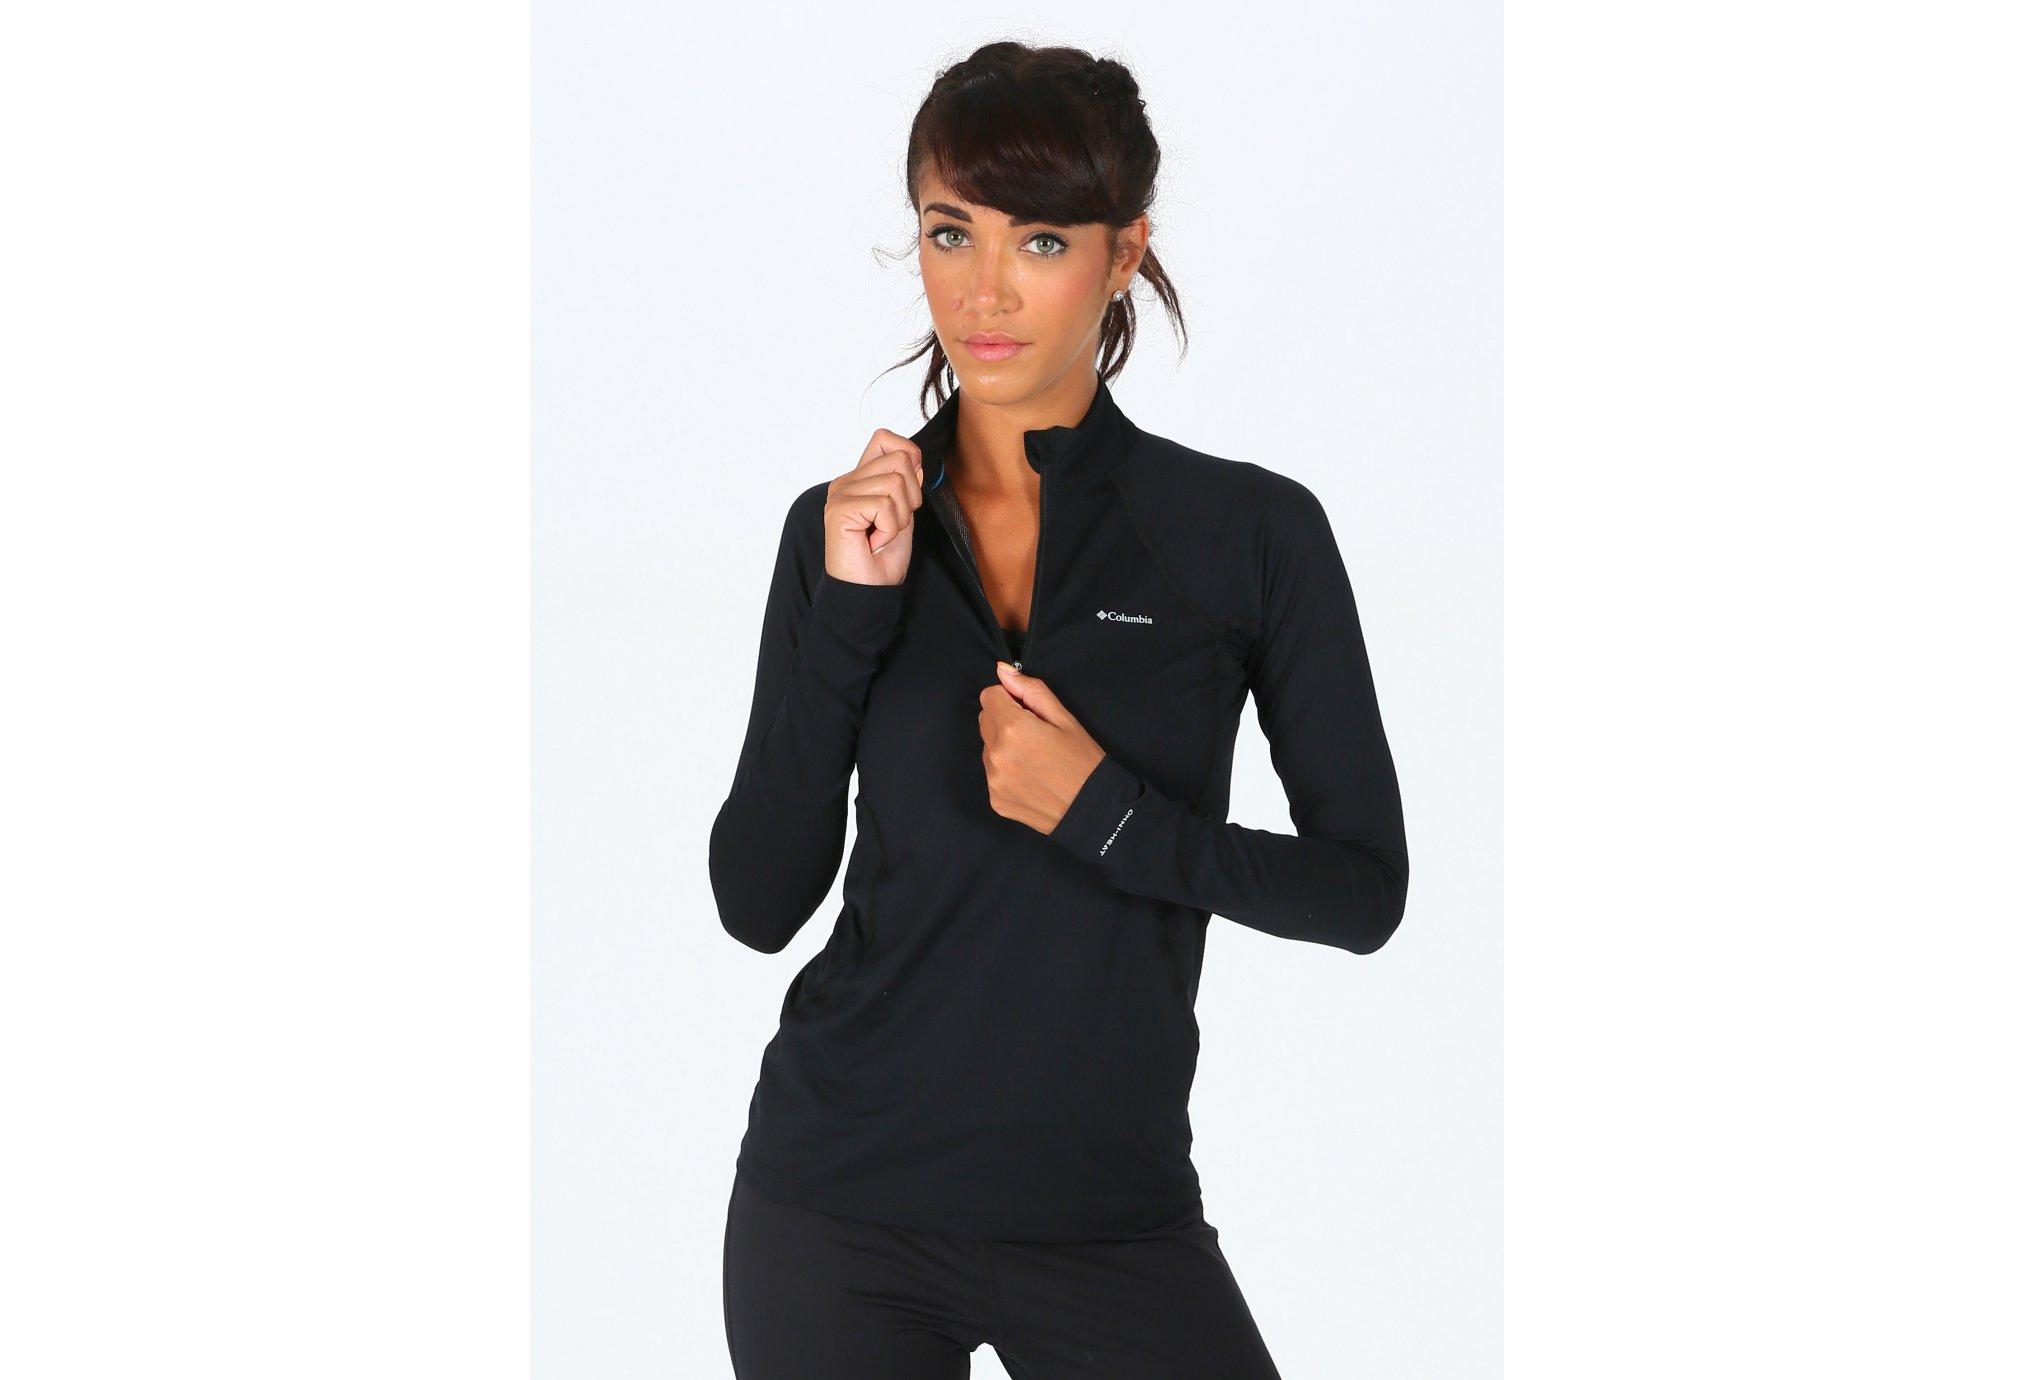 Columbia Midweight Stretch 1/2 zip W Diététique Vêtements femme